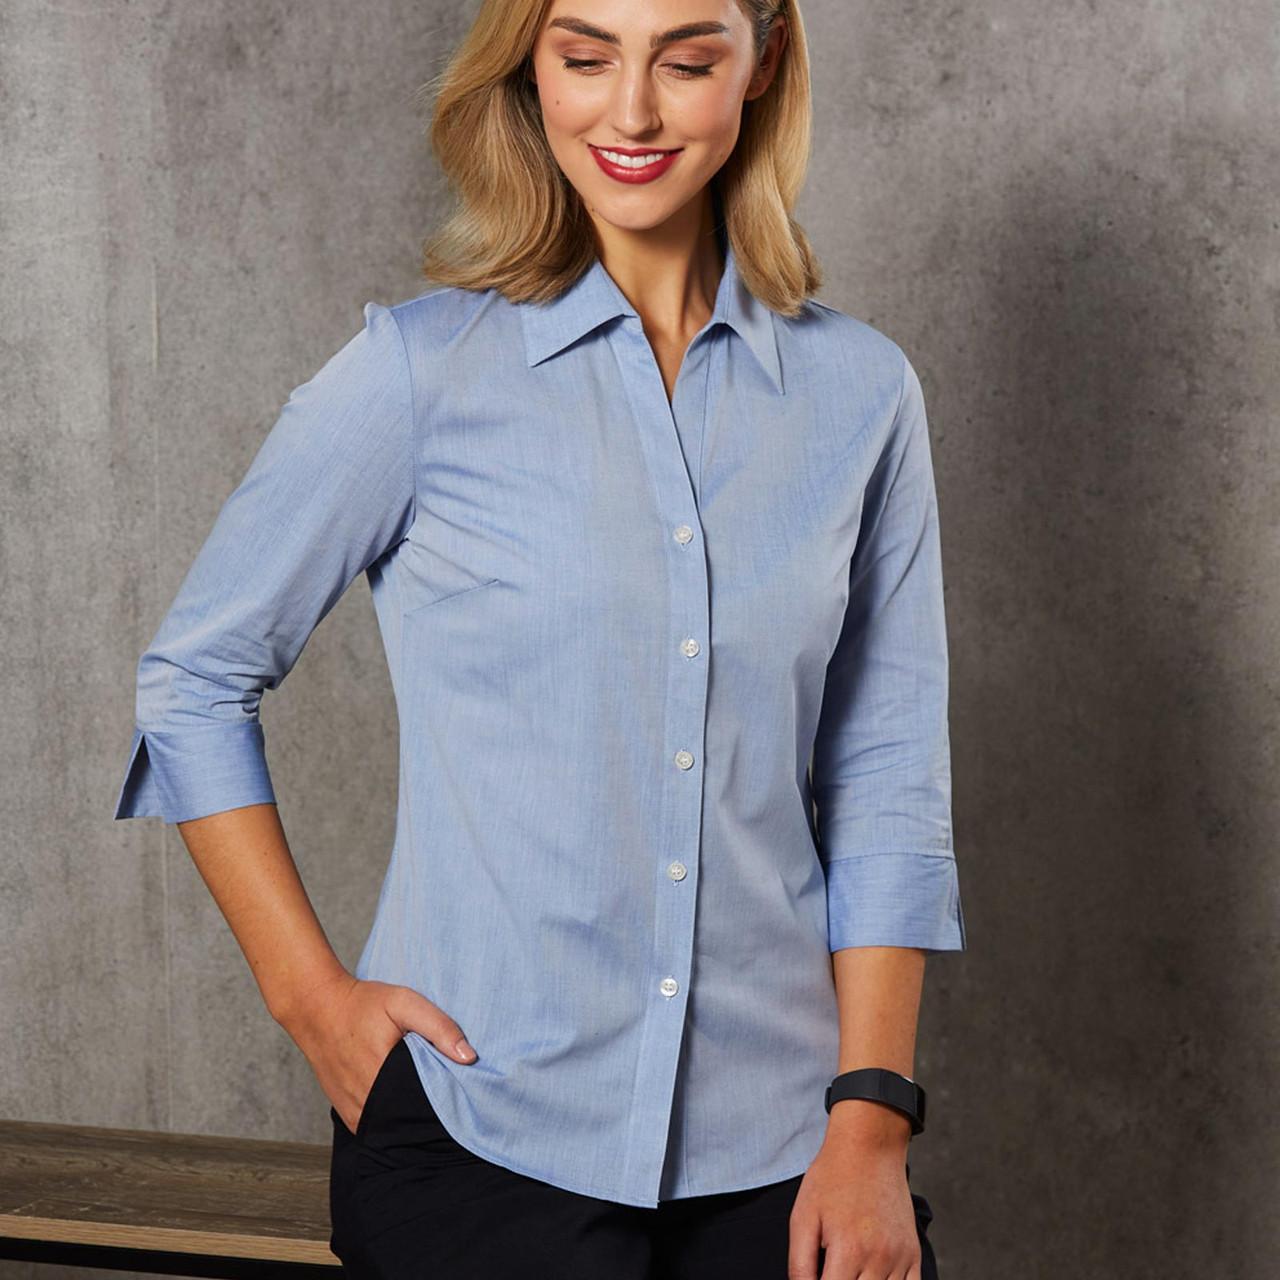 women's t shirt 3/4 sleeve